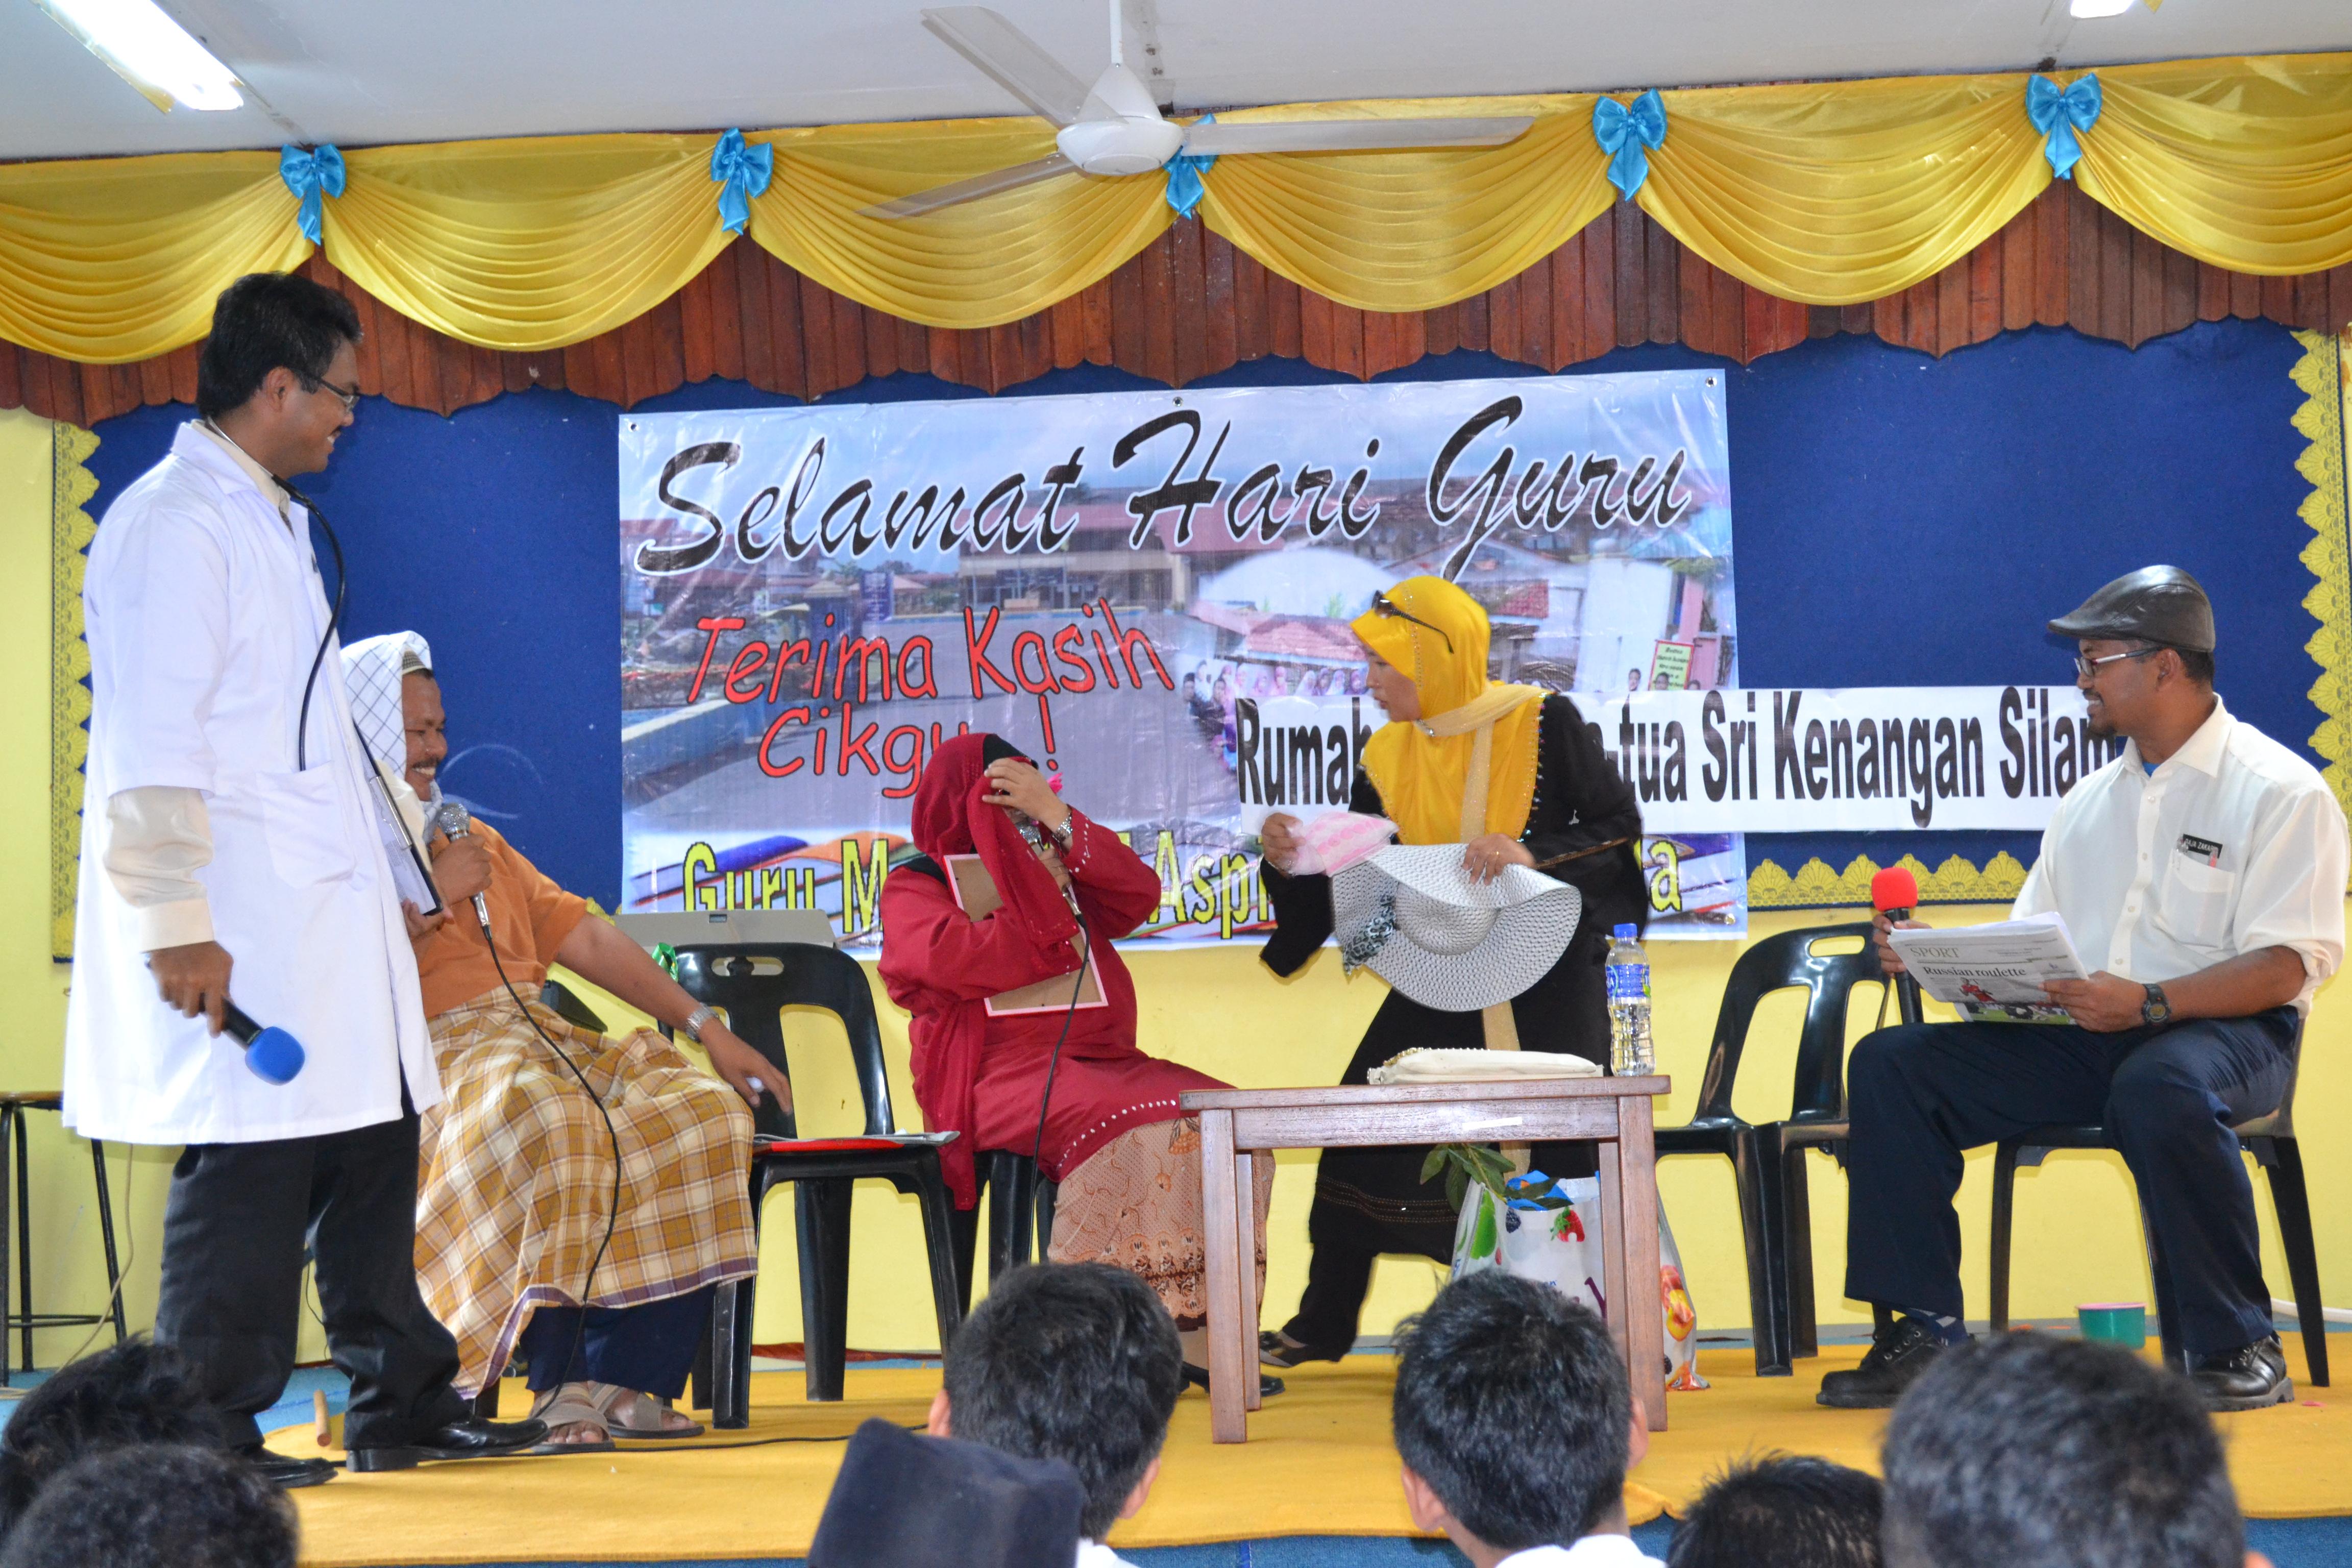 SAMBUTAN HARI GURU SMKPS 2013